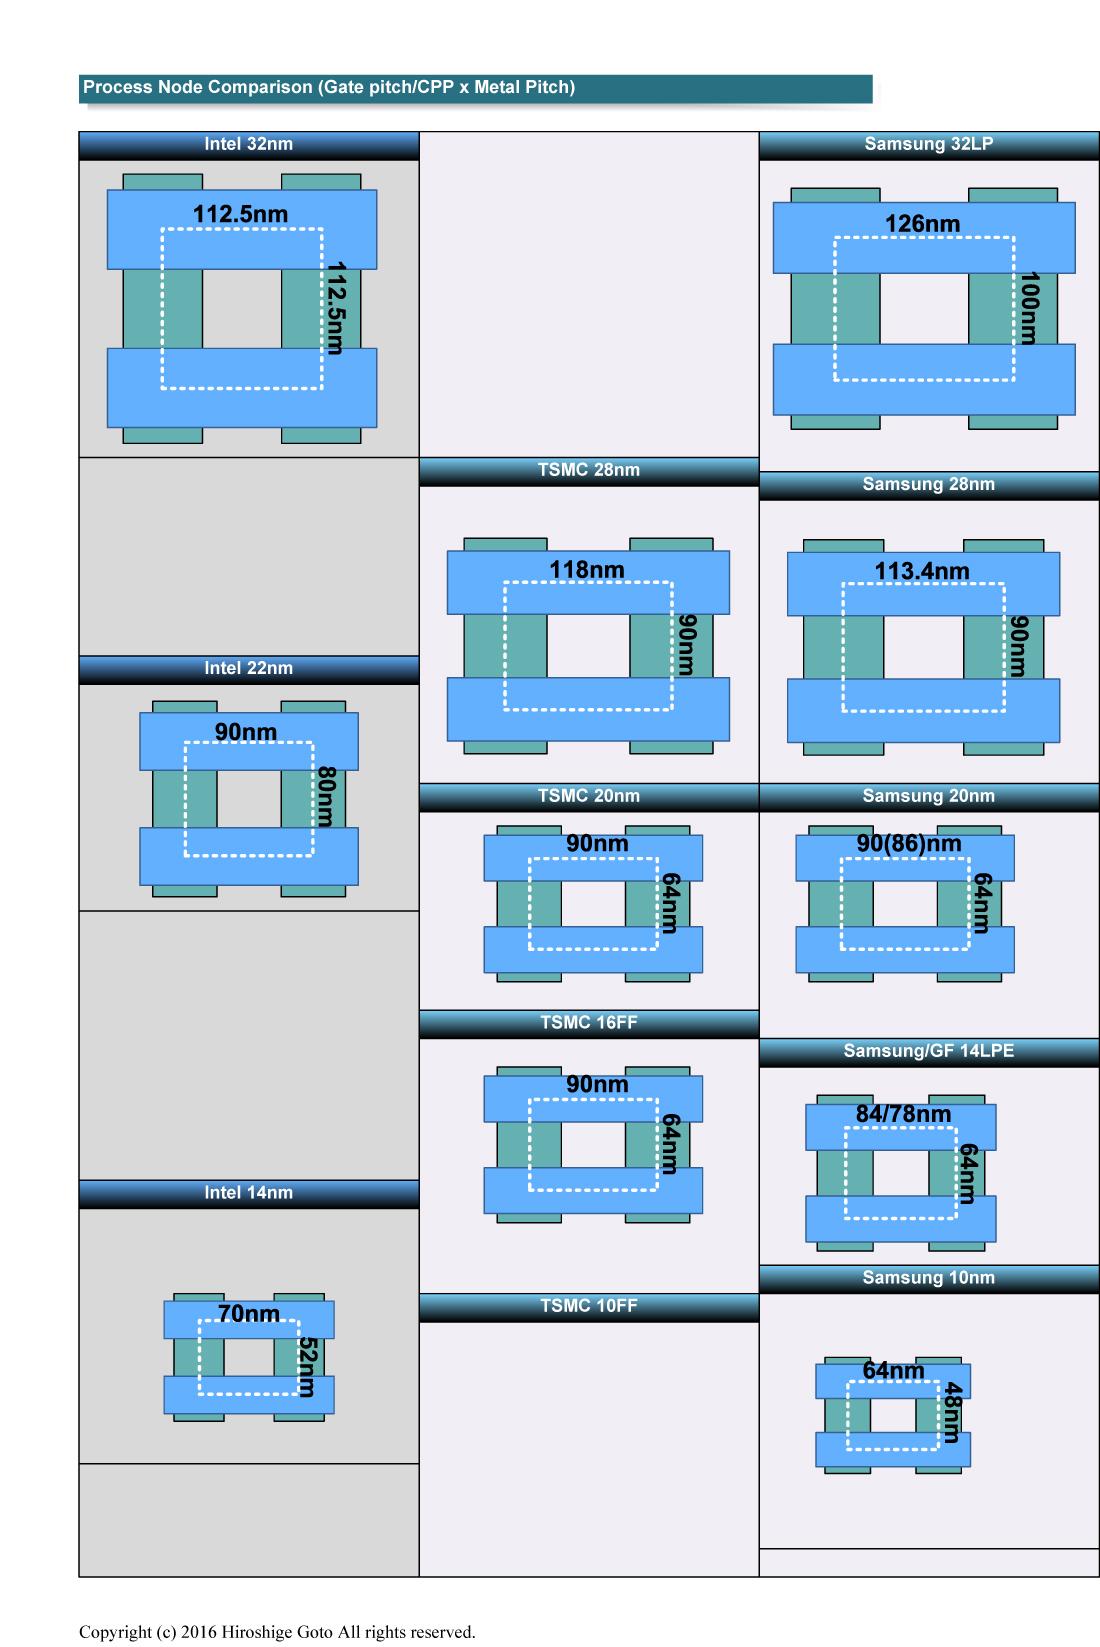 """各社のプロセスノードのCPP(Contacted Poly Pitch)またはゲートピッチ(Gate Pitch)×Mx(Metal Pitch)のサイズ比較<BR>PDF版は<span class=""""img-inline raw""""><a href="""""""" ipw_status=""""1"""" ipw_linktype=""""filelink_raw"""" class=""""resource"""">こちら</a></span>"""